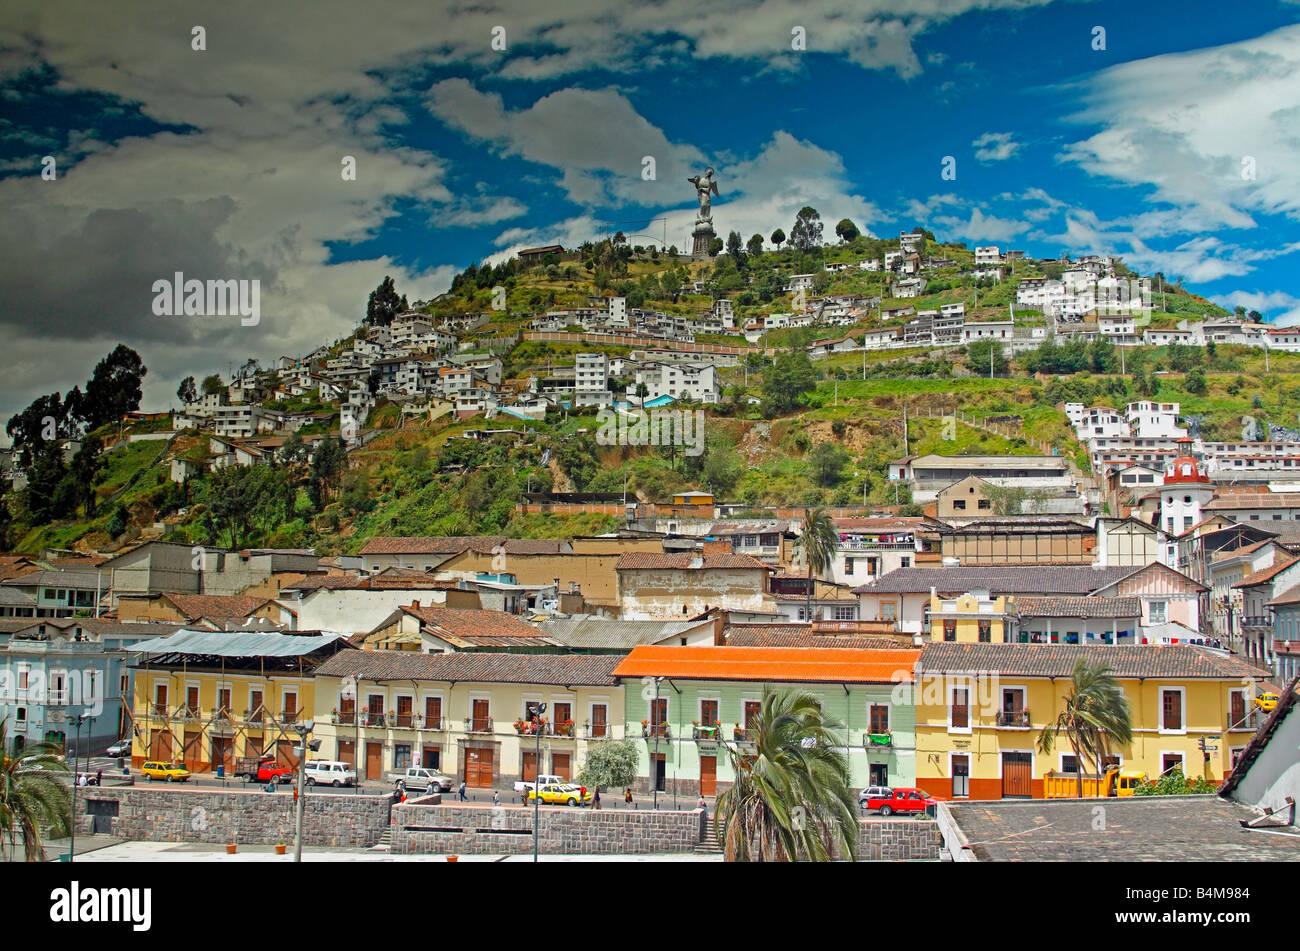 Statue der Jungfrau von Quito, mit Blick auf die Altstadt von Quito, Ecuador Stockbild